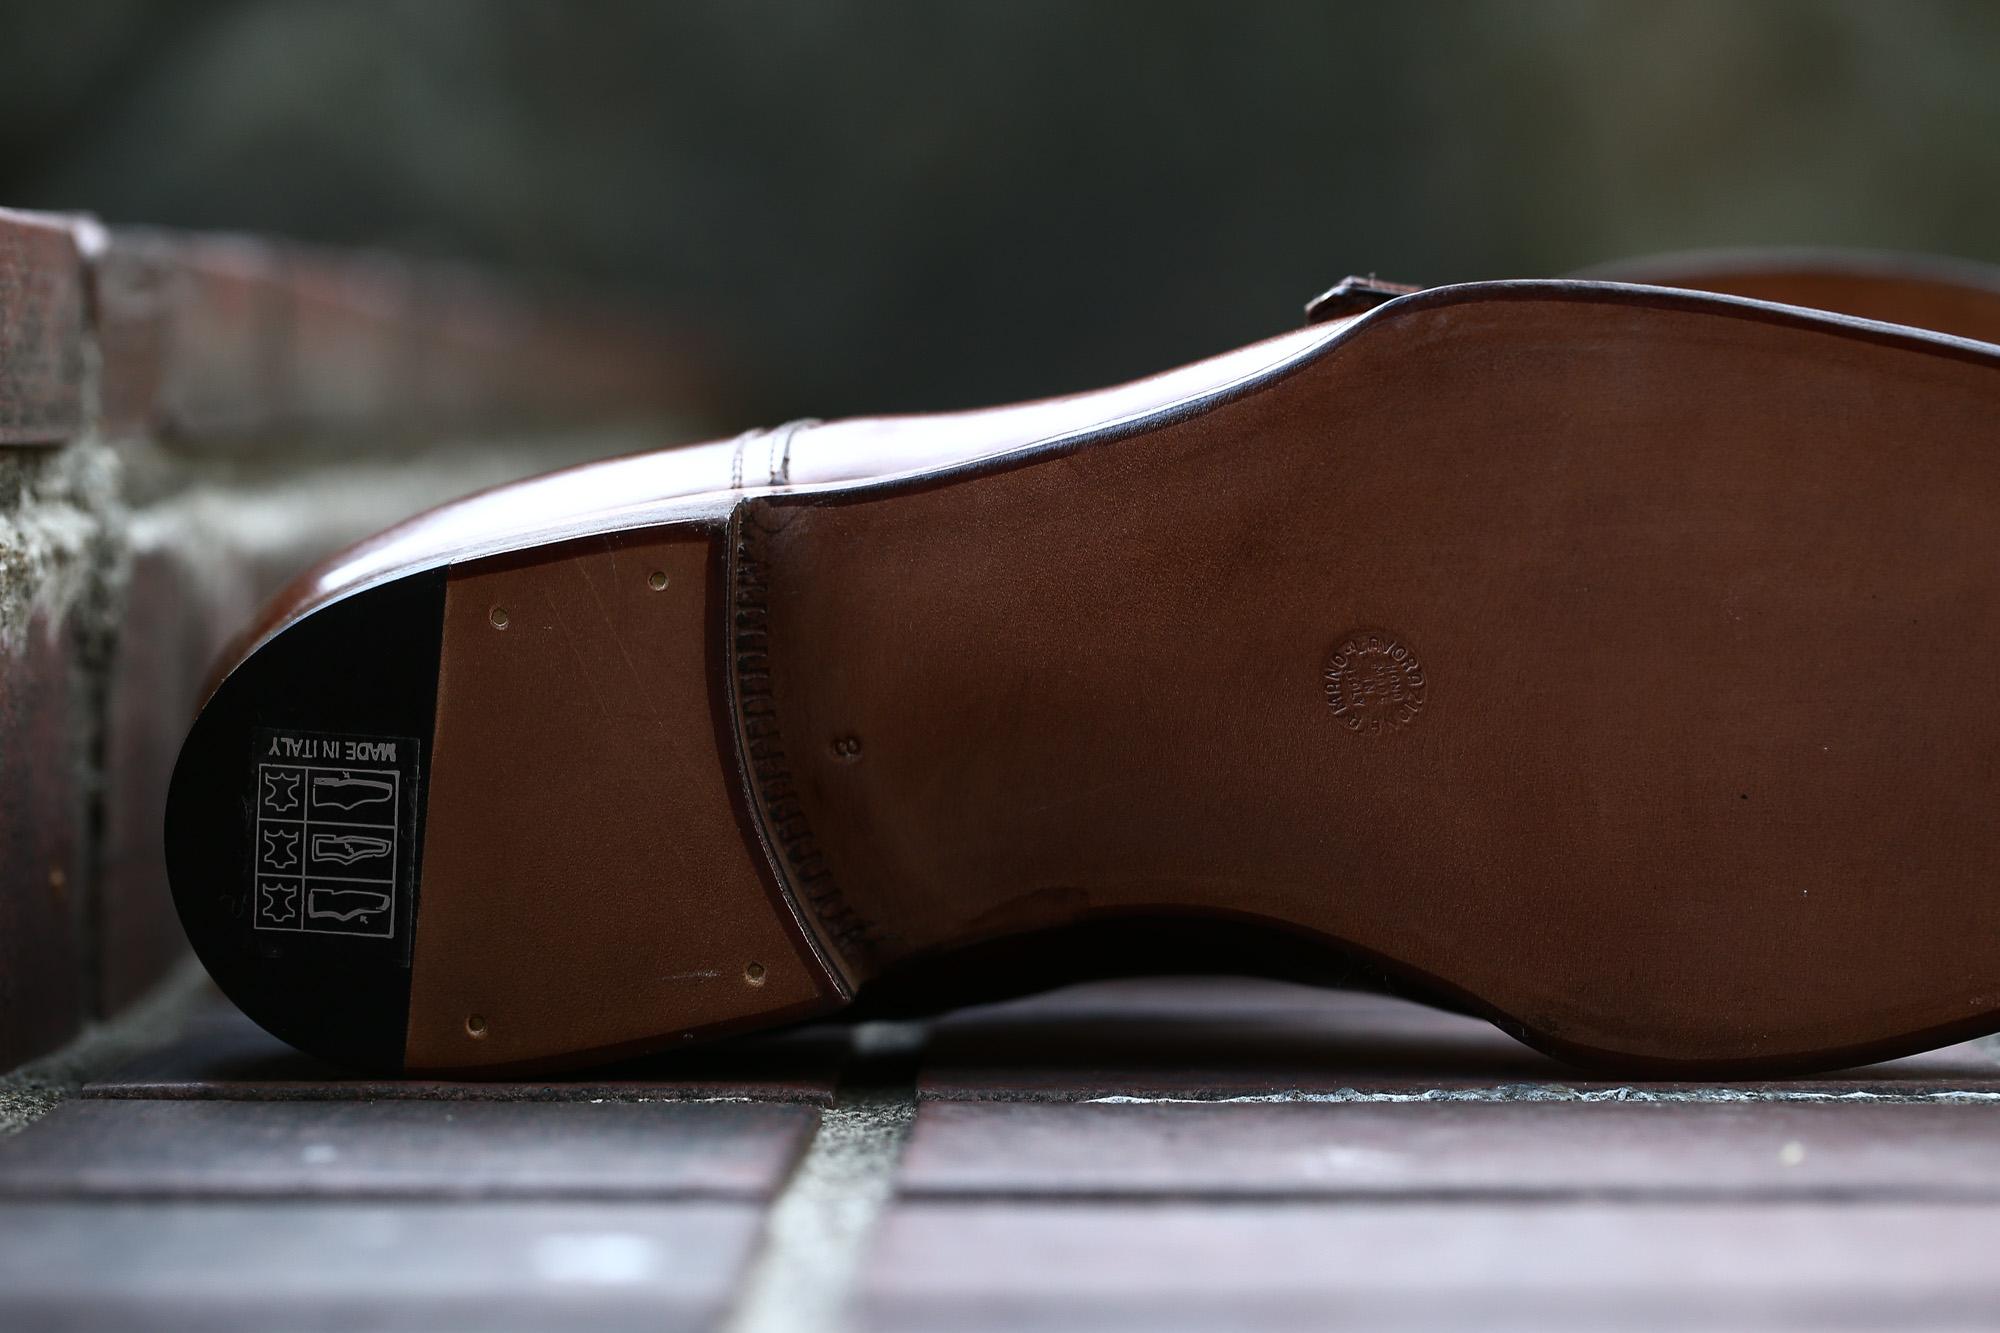 ENZO BONAFE (エンツォボナフェ) ART.EB-27 Double Monk Strap Shoes Horween Shell Cordovan Leather ホーウィン社シェルコードバンレザー ダブルモンクストラップシューズ BOURBON (バーボン) made in italy (イタリア製) 2018 春夏新作 enzobonafe ダブルモンク ドレス ボナフェ レザーシューズ 愛知 名古屋 Alto e Diritto アルト エ デリット